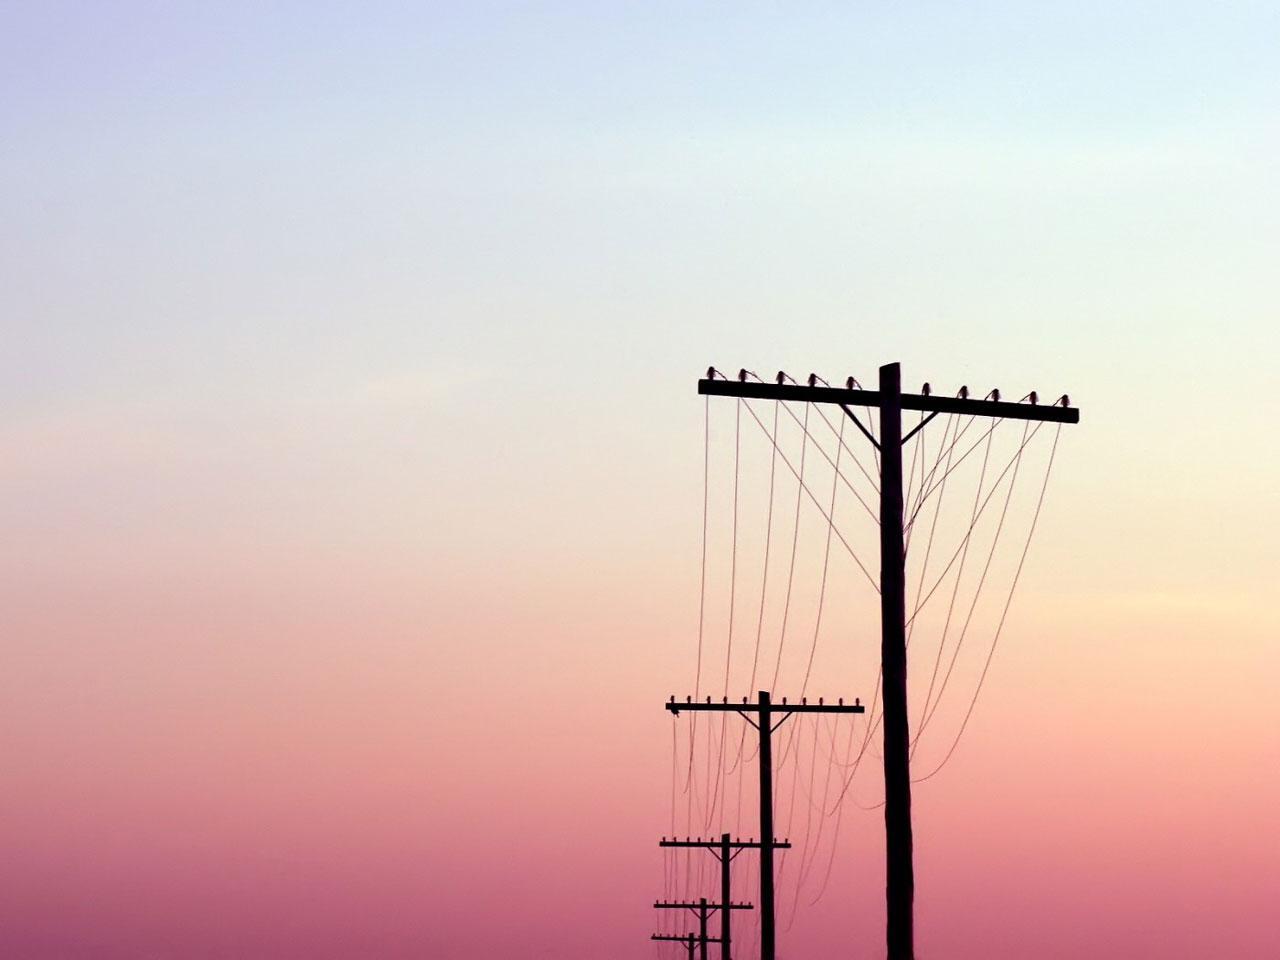 唯美电线杆图片